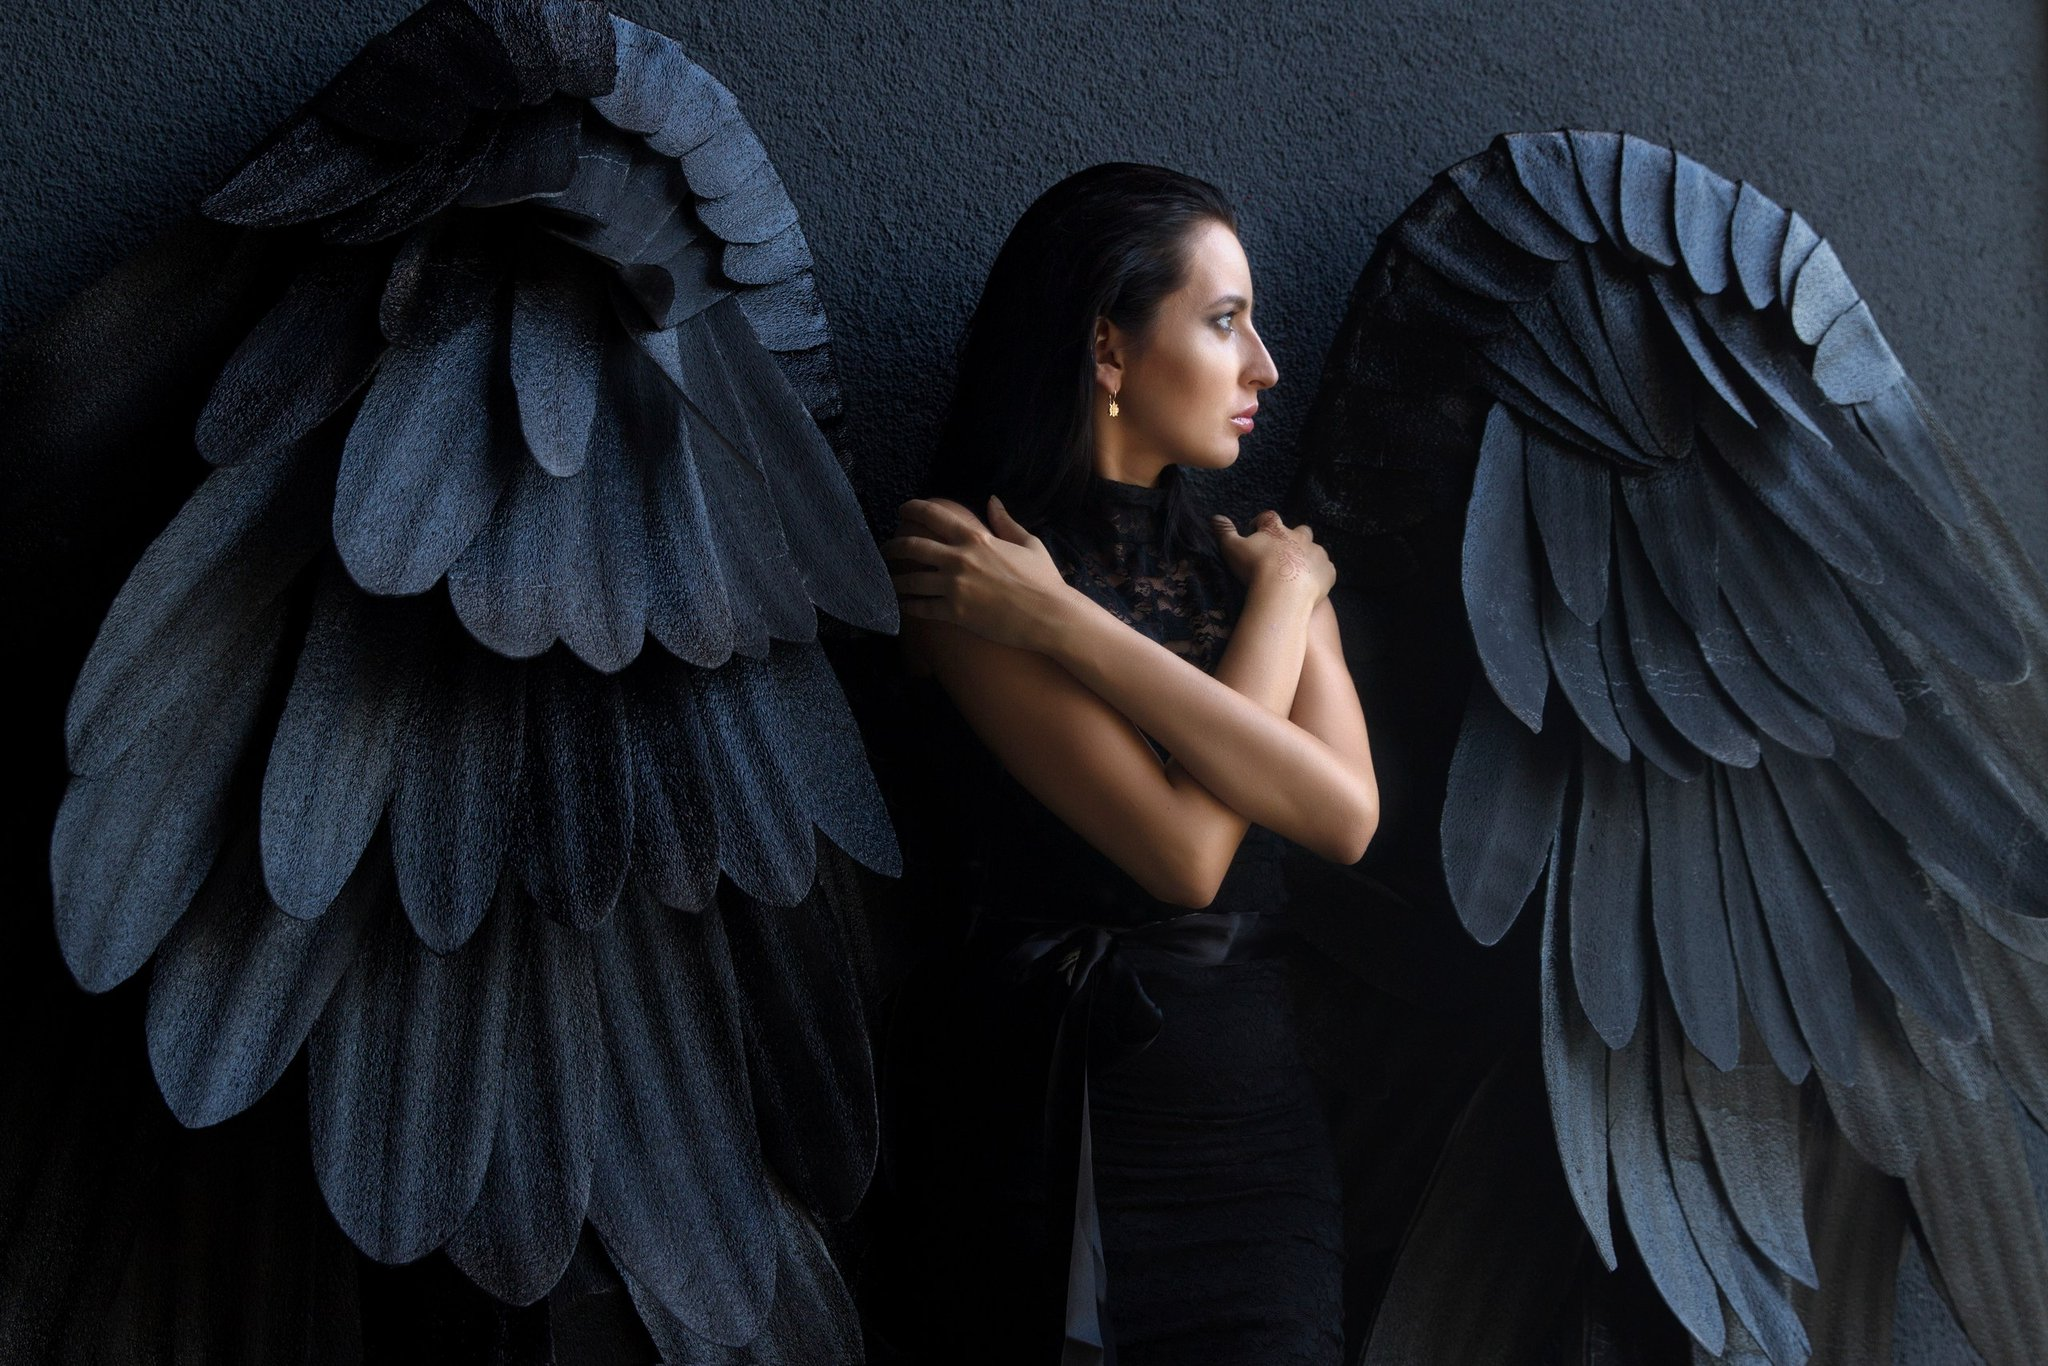 доставка ангел крылья фото правильный баланс